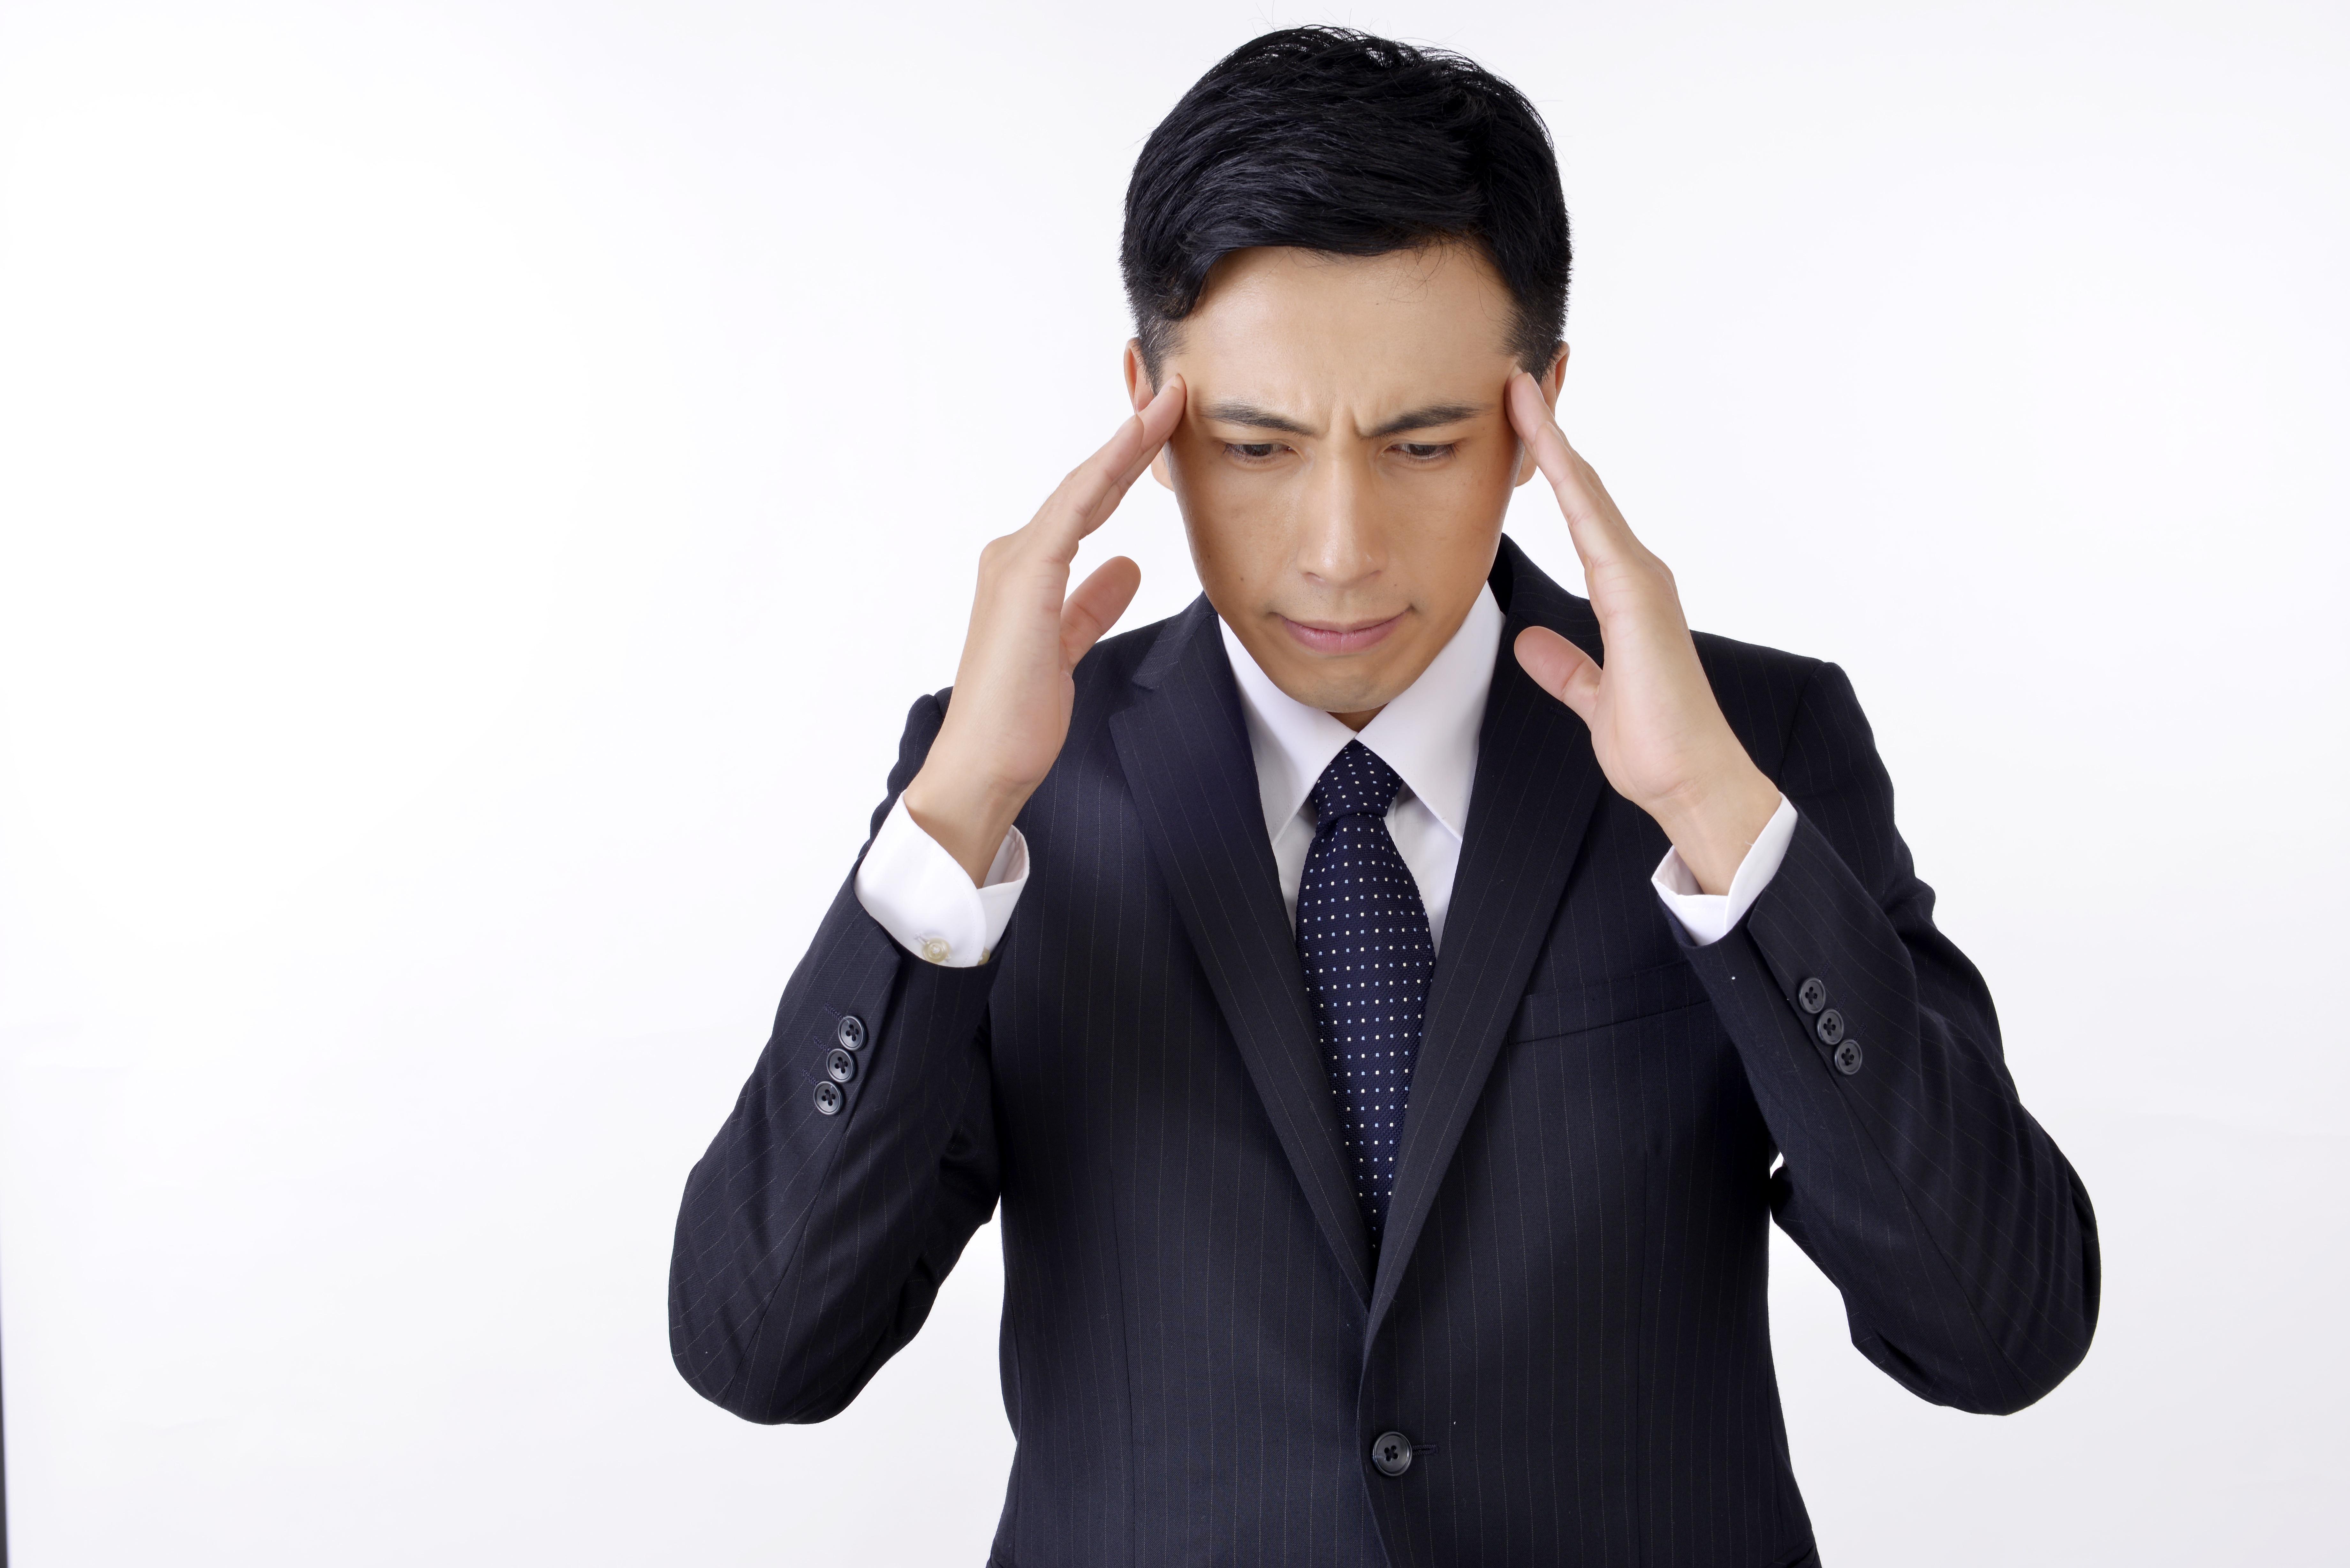 【悩み相談1】残業が多過ぎて転職活動が出来ない